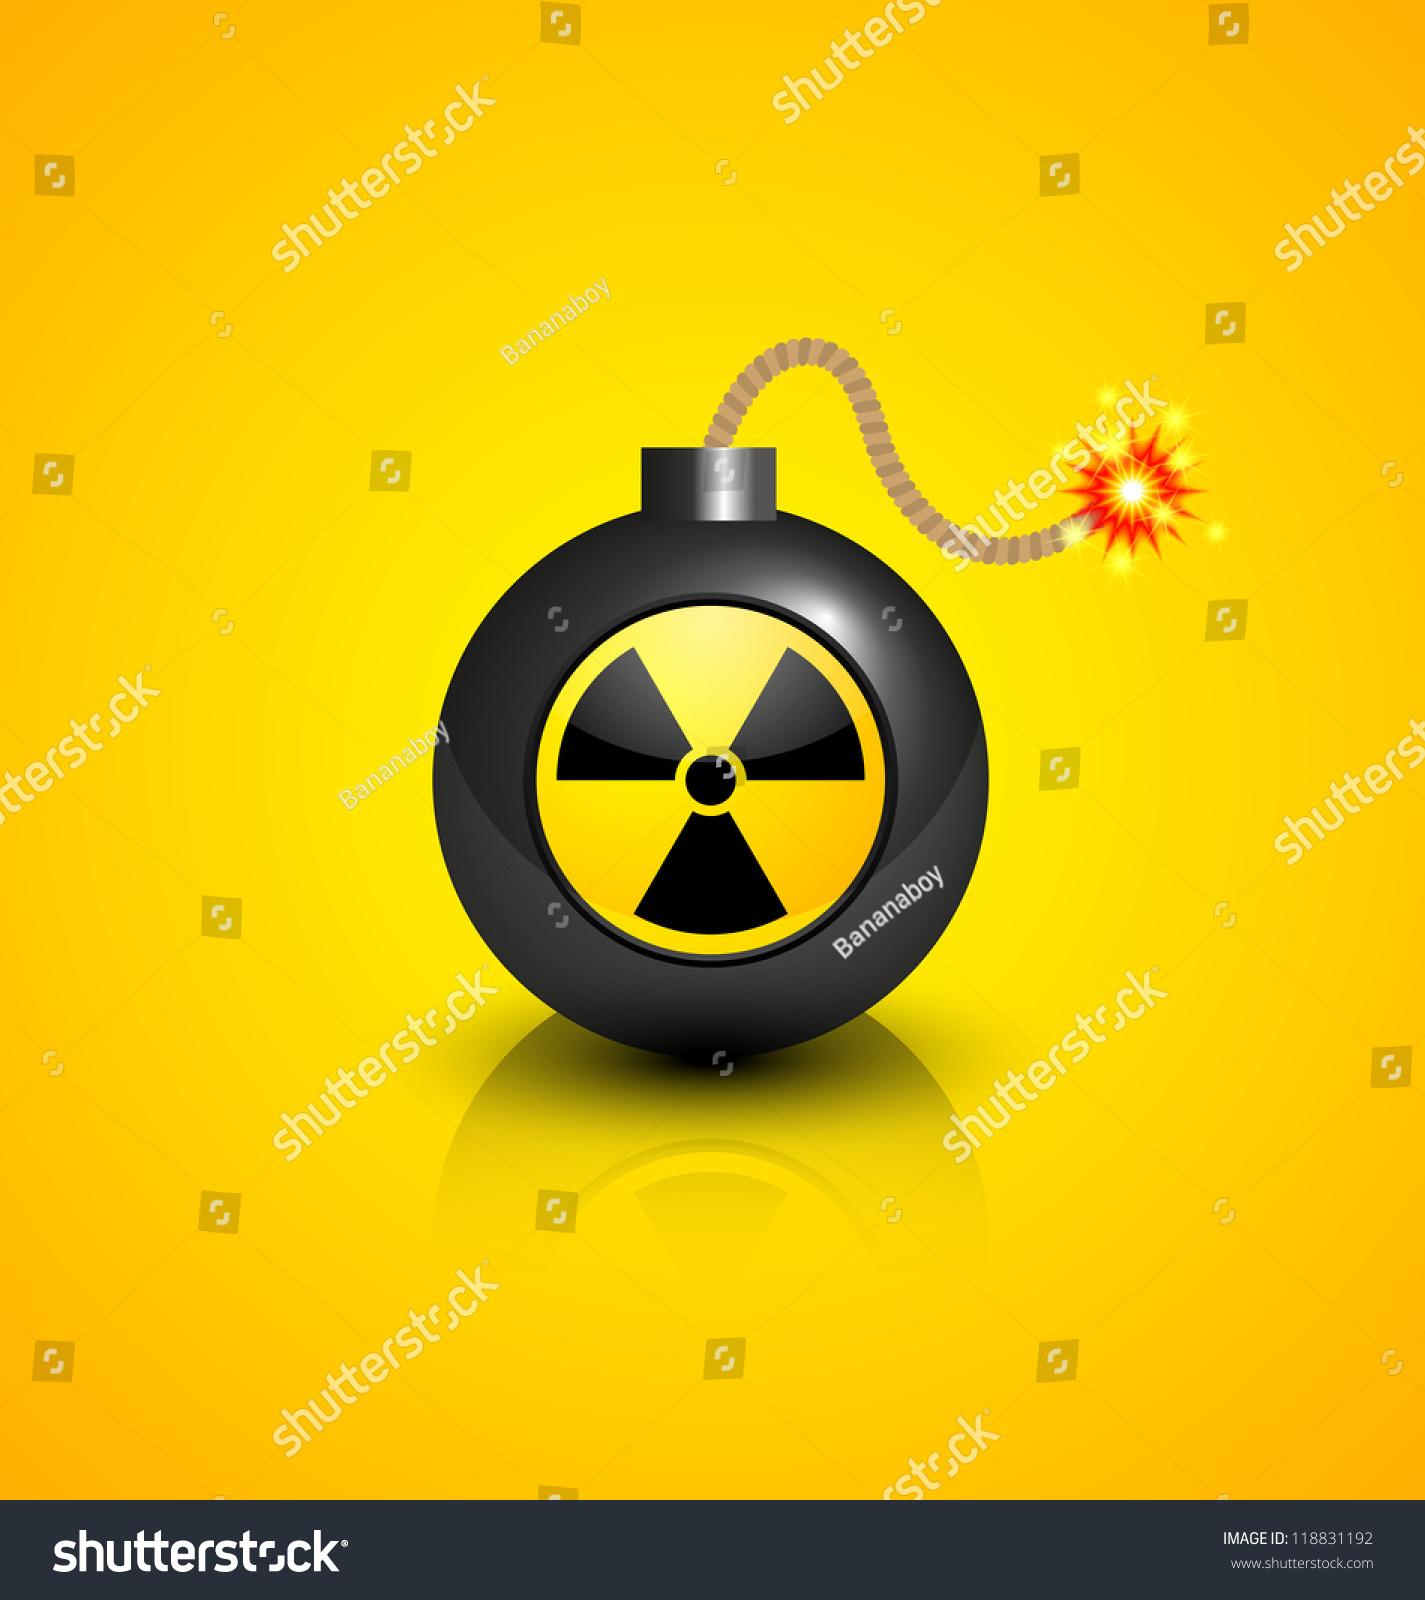 cool nuclear symbols